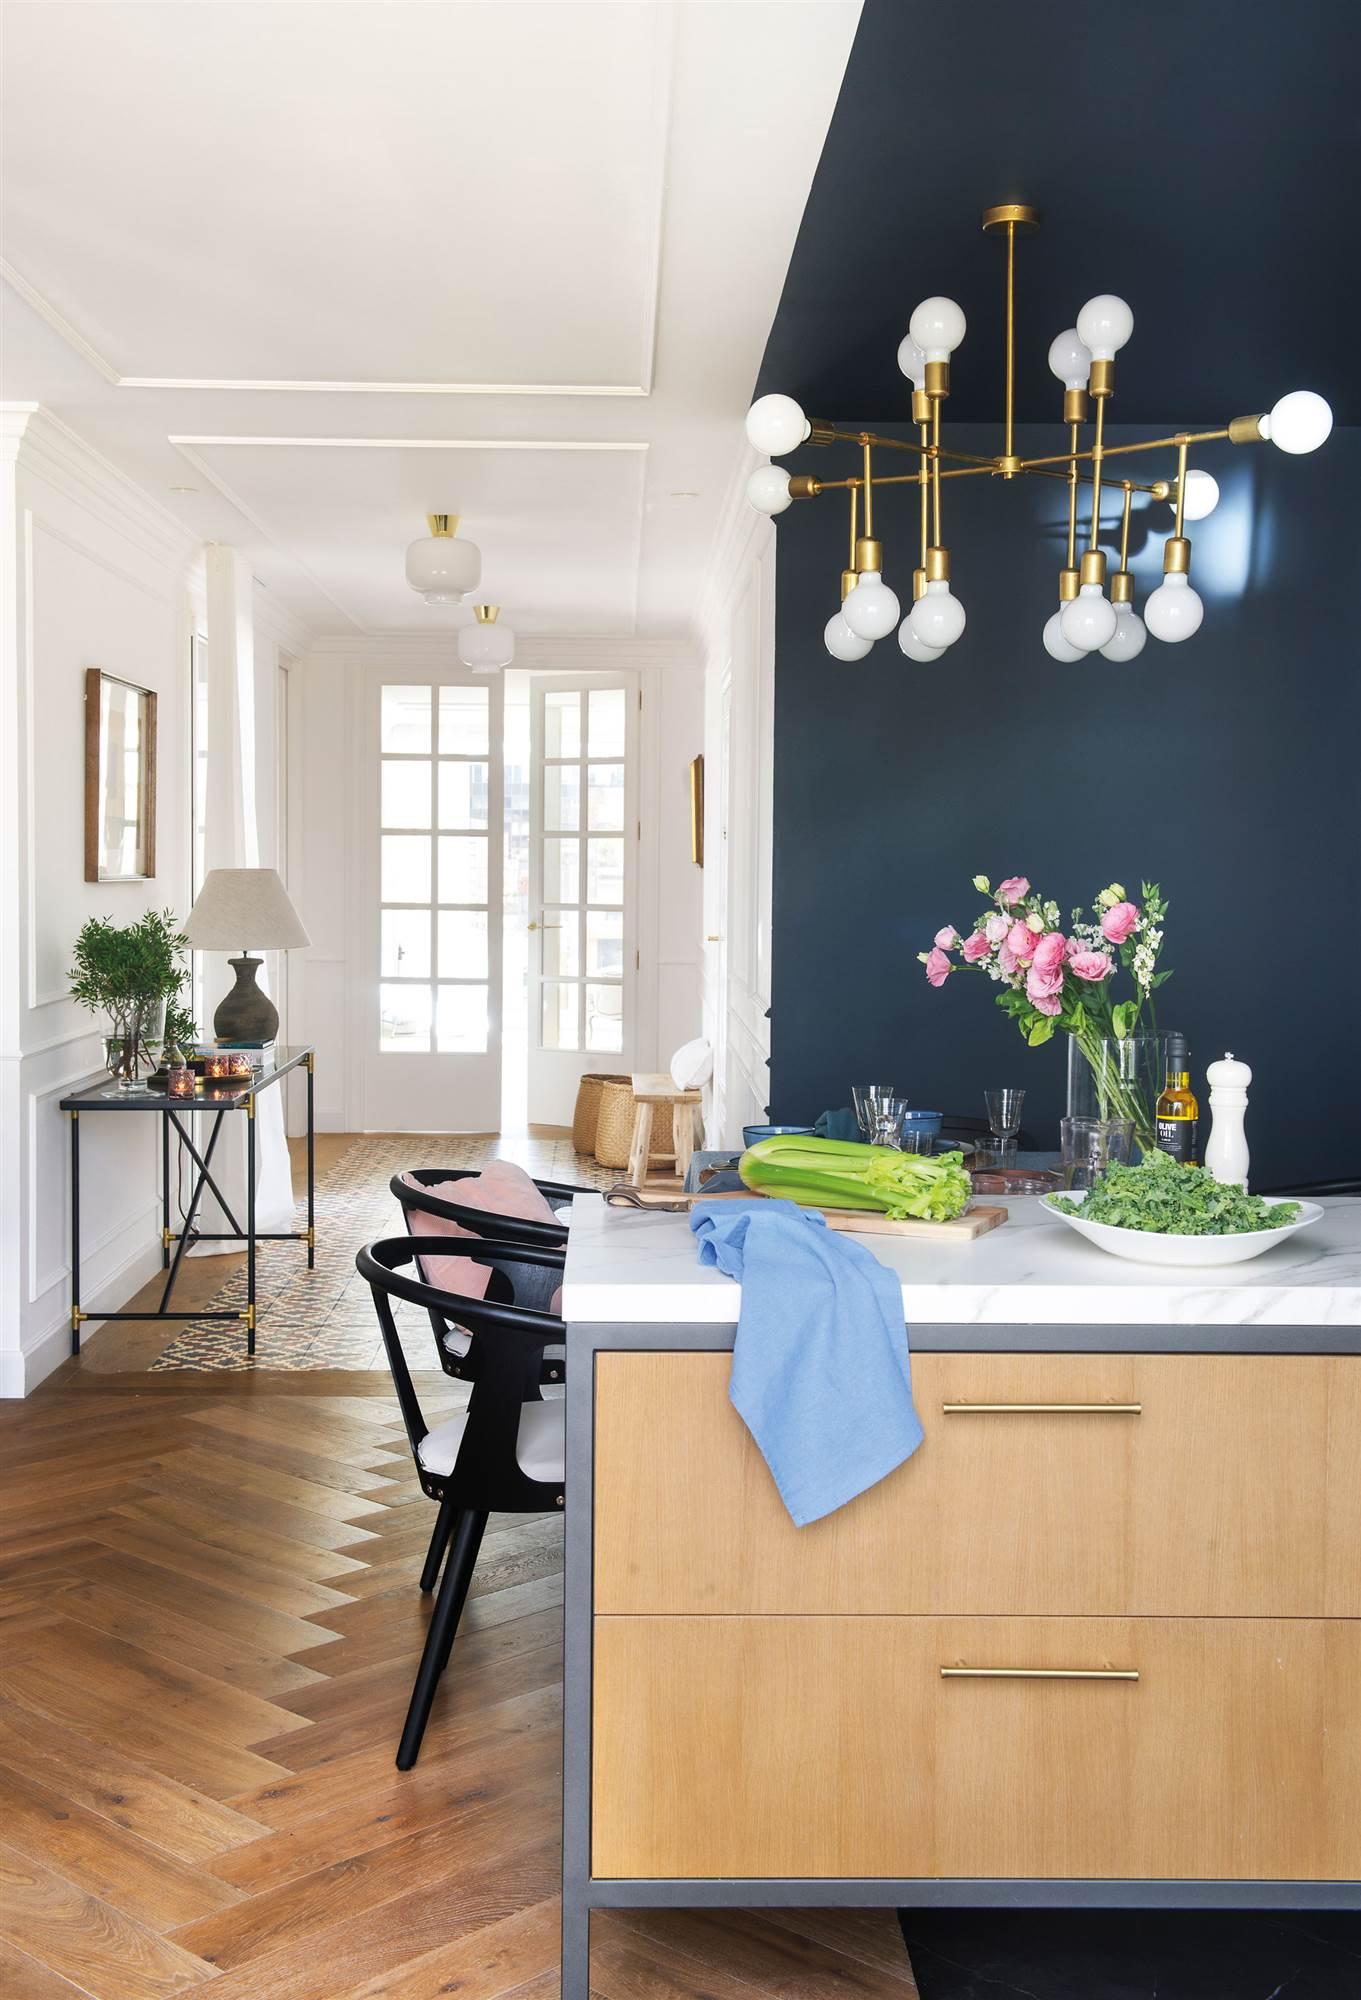 00470673. Cocina abierta con muebles de madera, cogedores dorados y lámpara de techo dorada 00470673